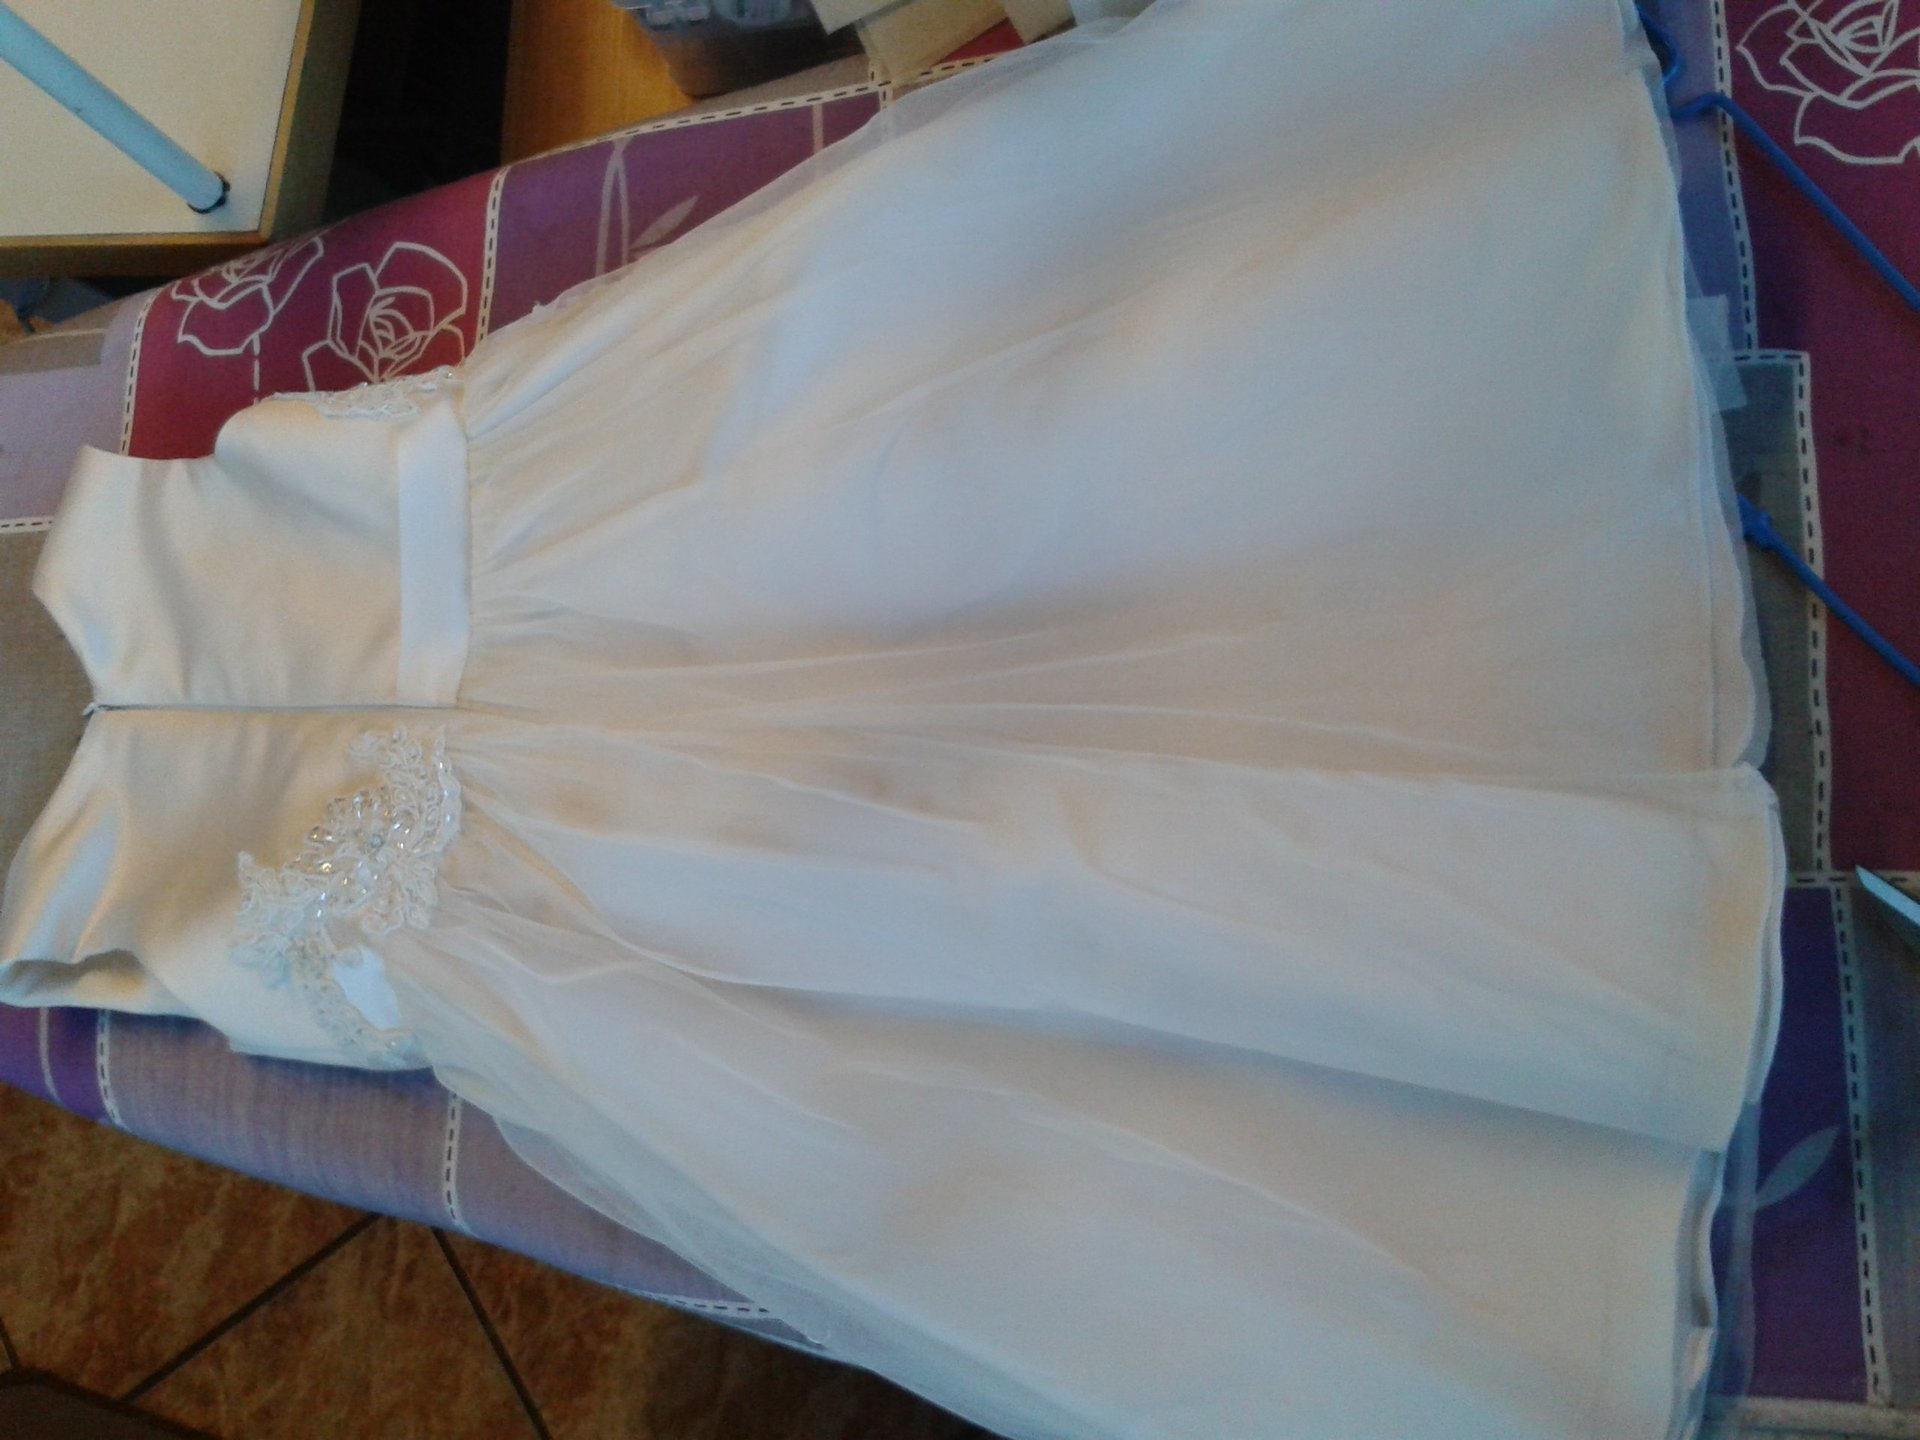 abito bianco da bambina con gonna in tulle e un'applique a fiore